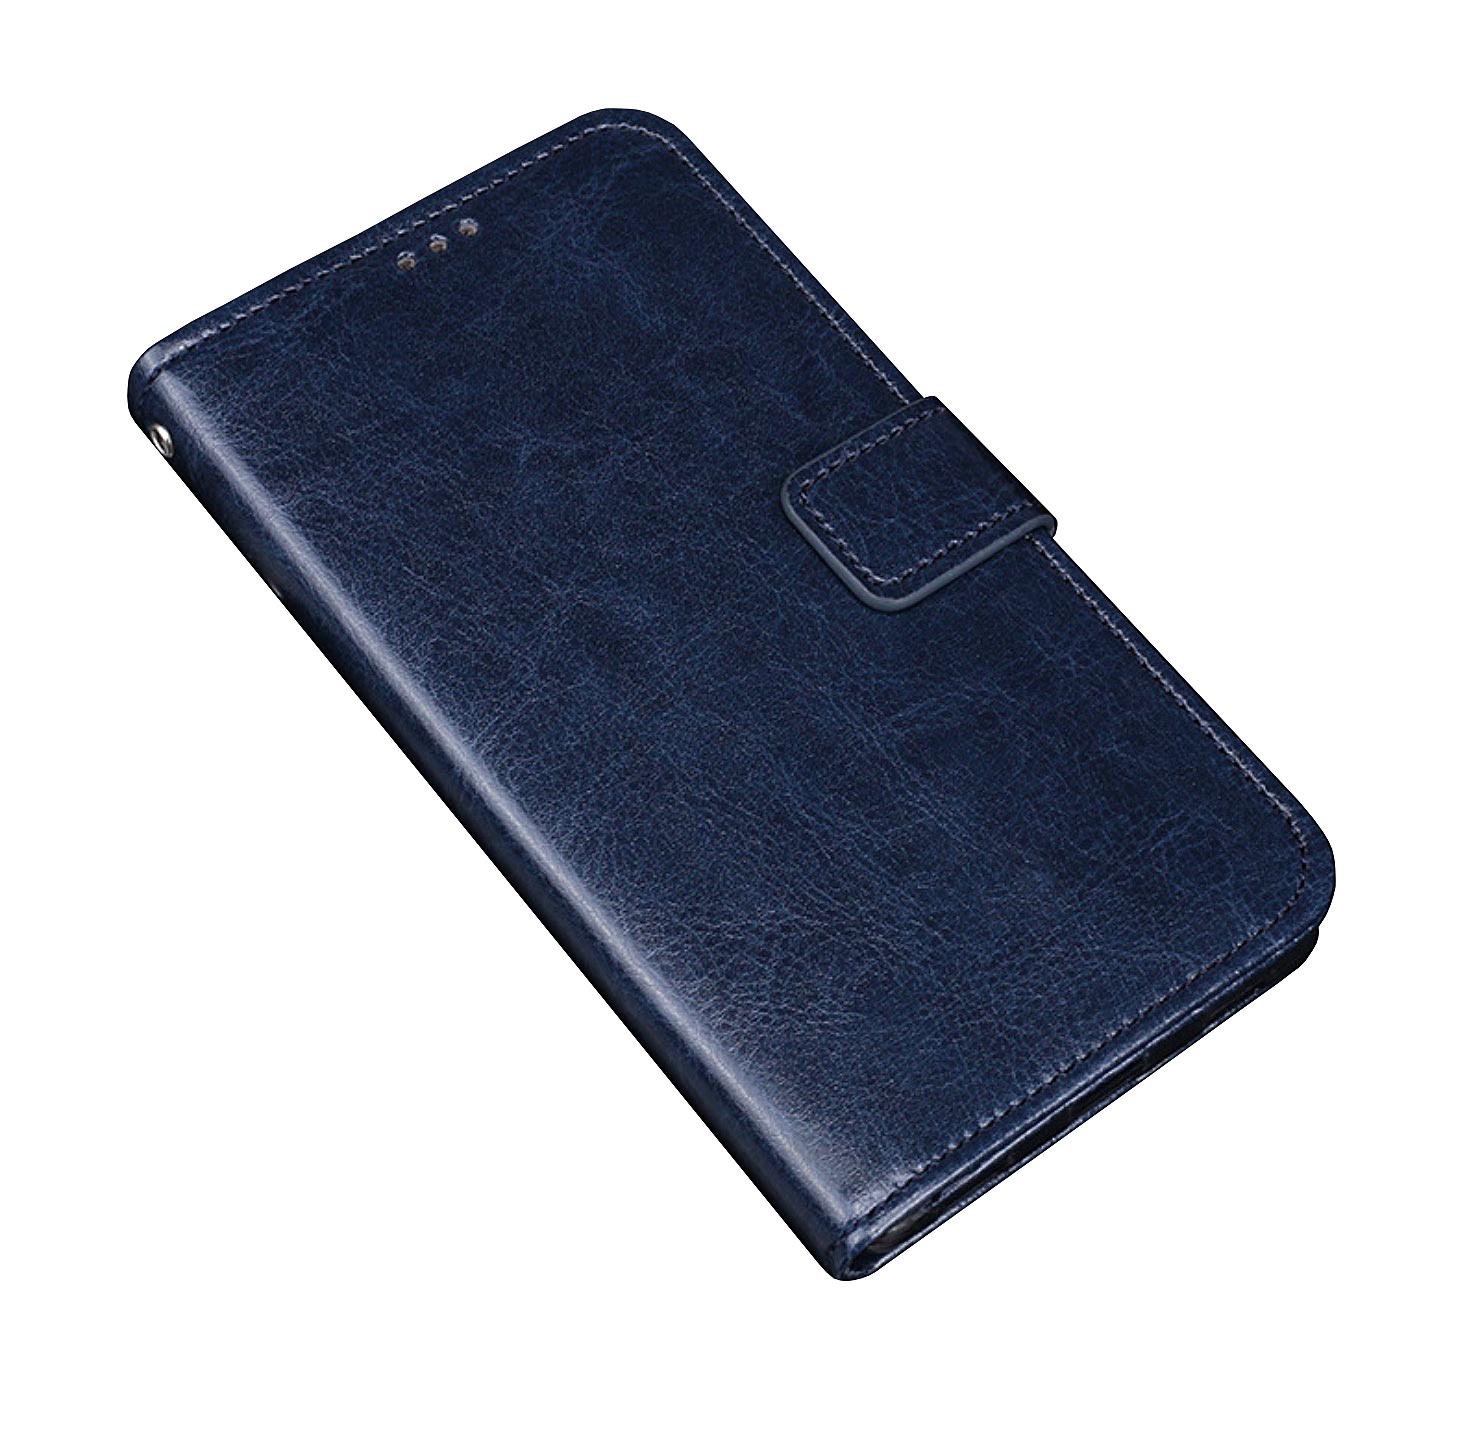 Чехол-книжка MyPads для Nokia 5.1 Plus / Nokia X5 с мульти-подставкой застёжкой и визитницей синий использовать nokia как веб камеру